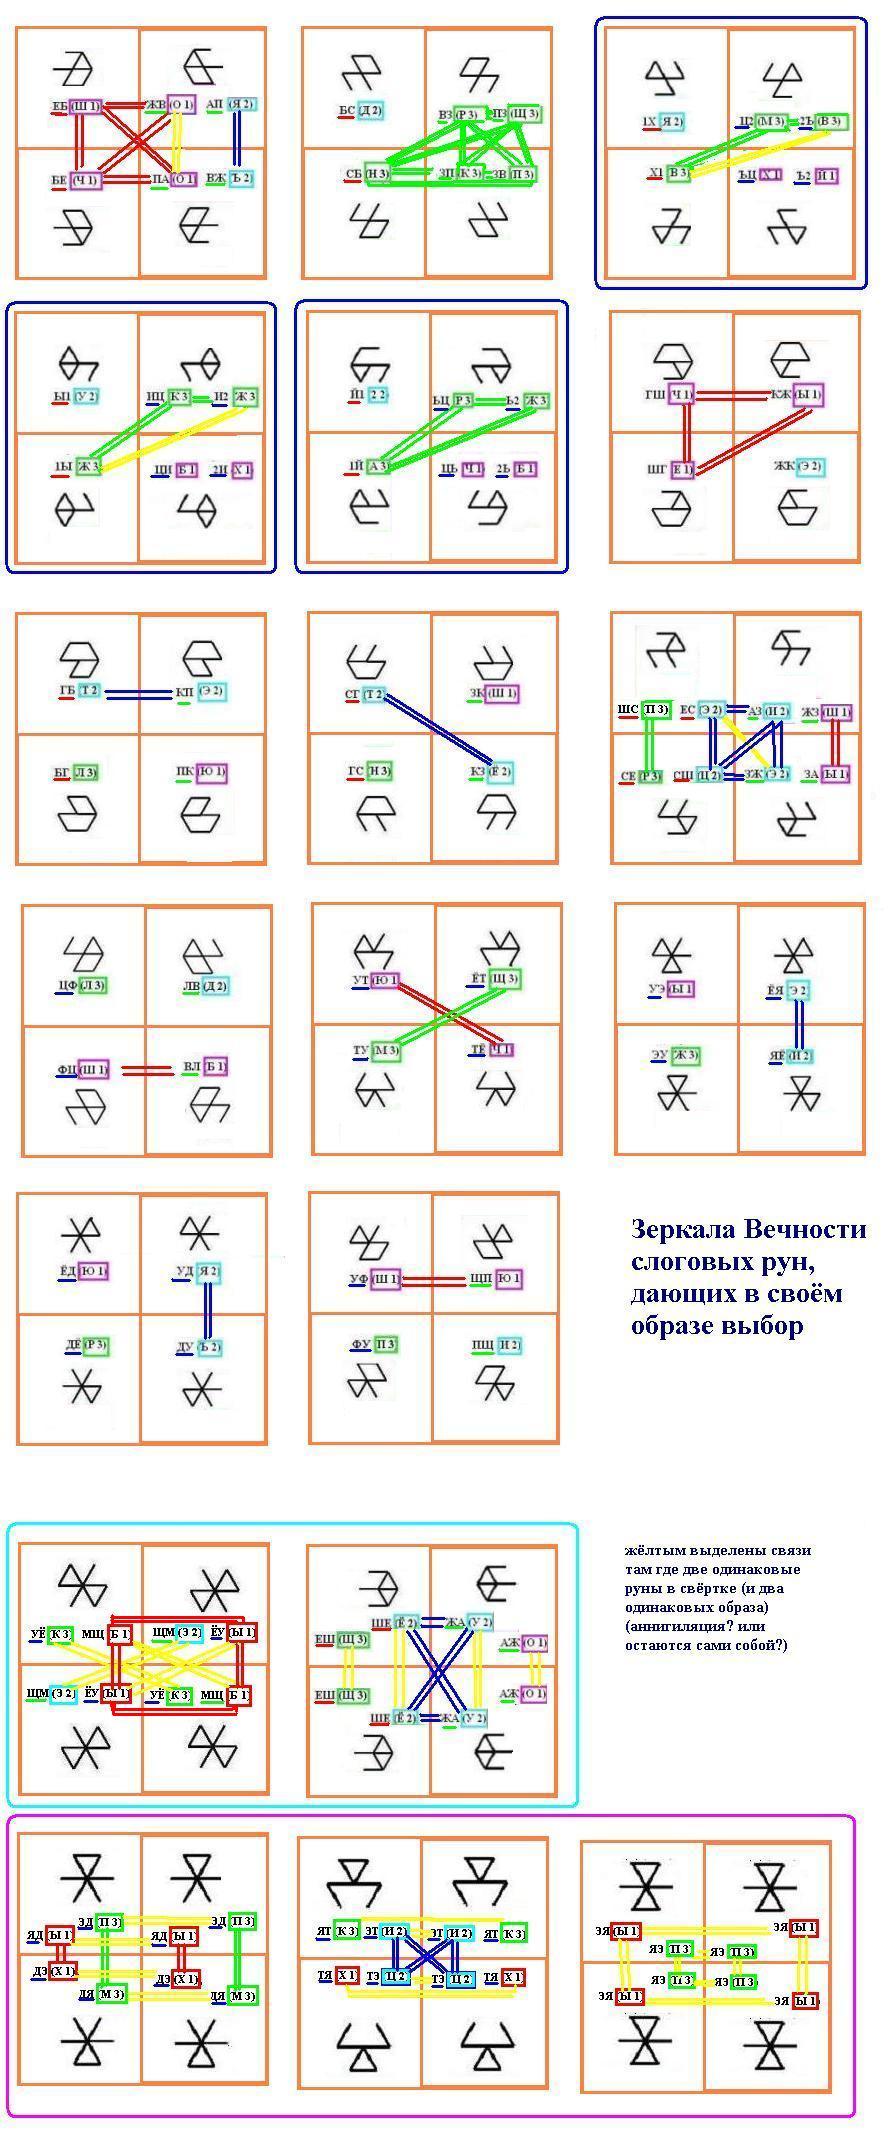 Слоговые руны (слова из двух рун) - Страница 4 518ee8f6cb19